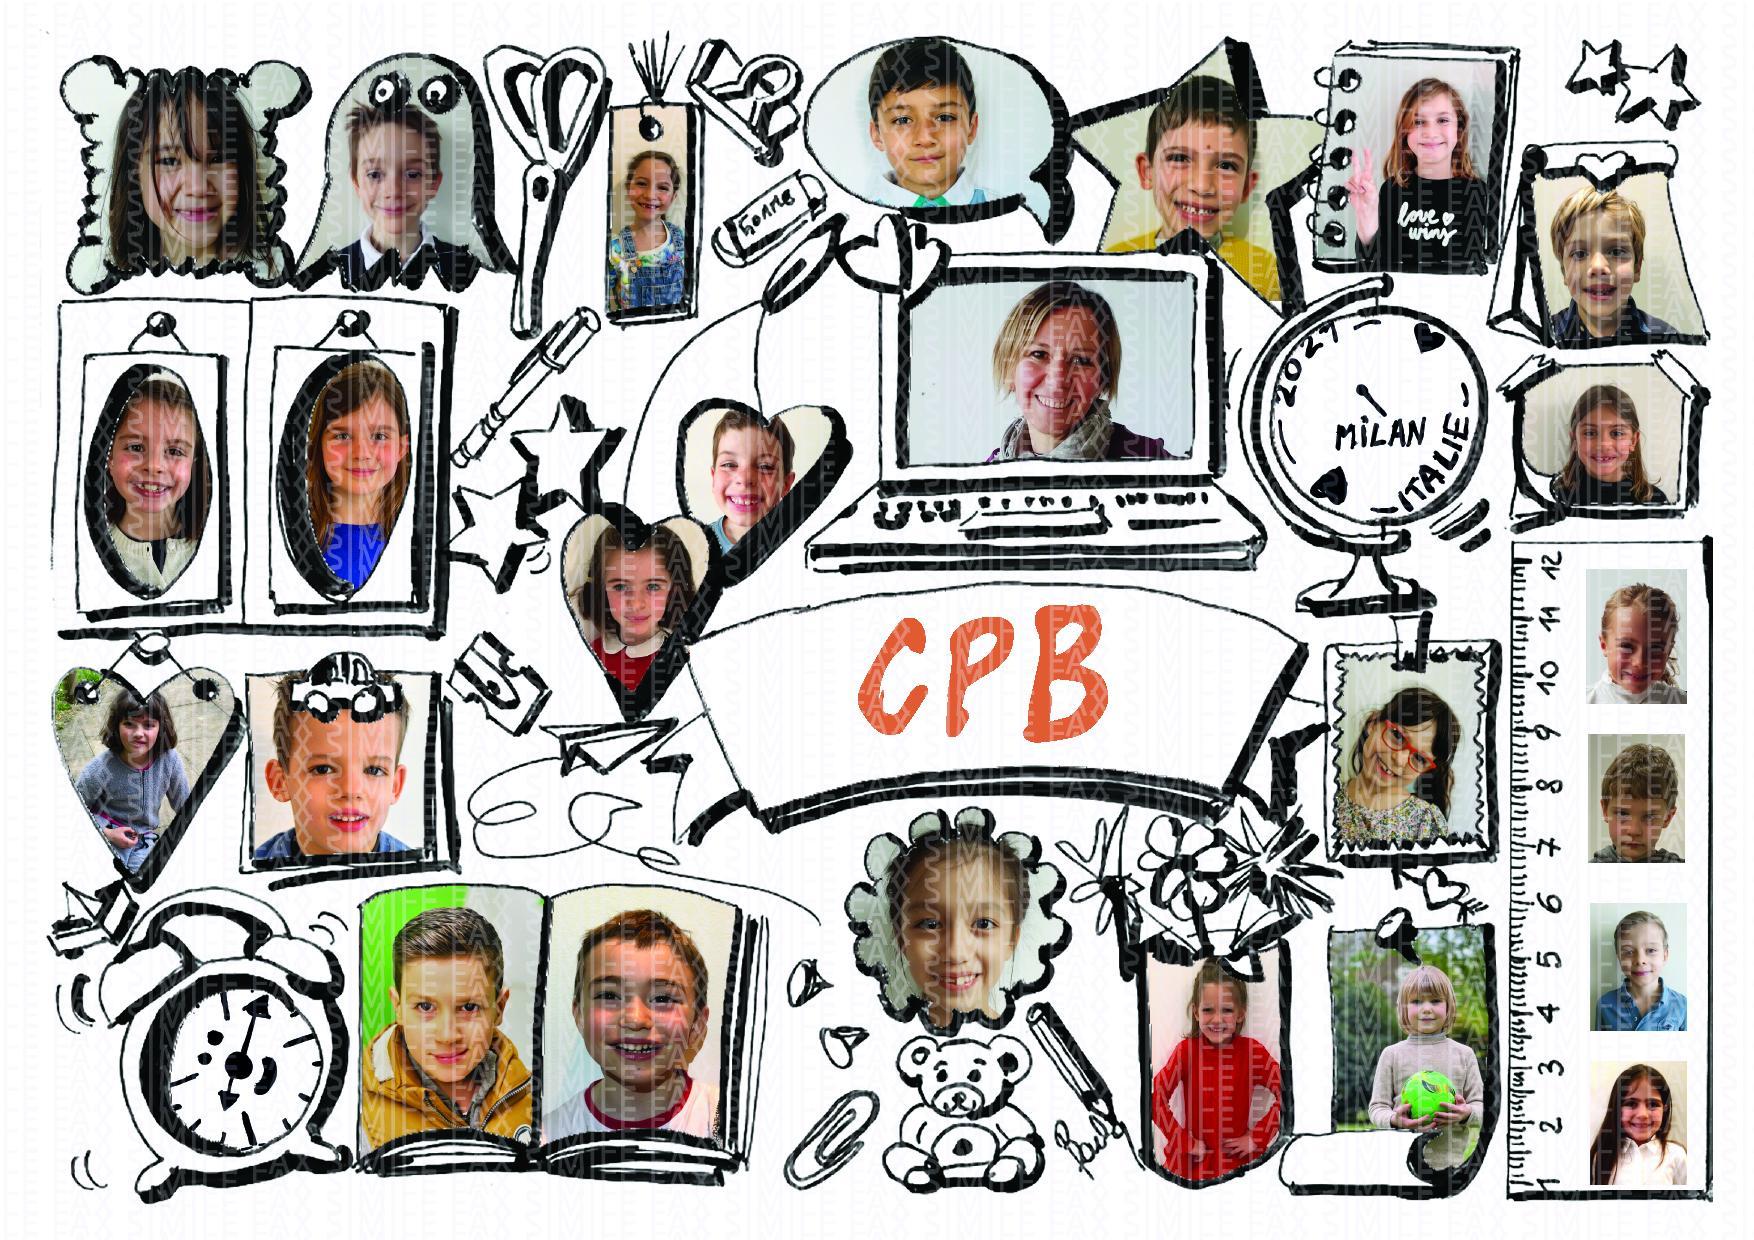 Cpb copy